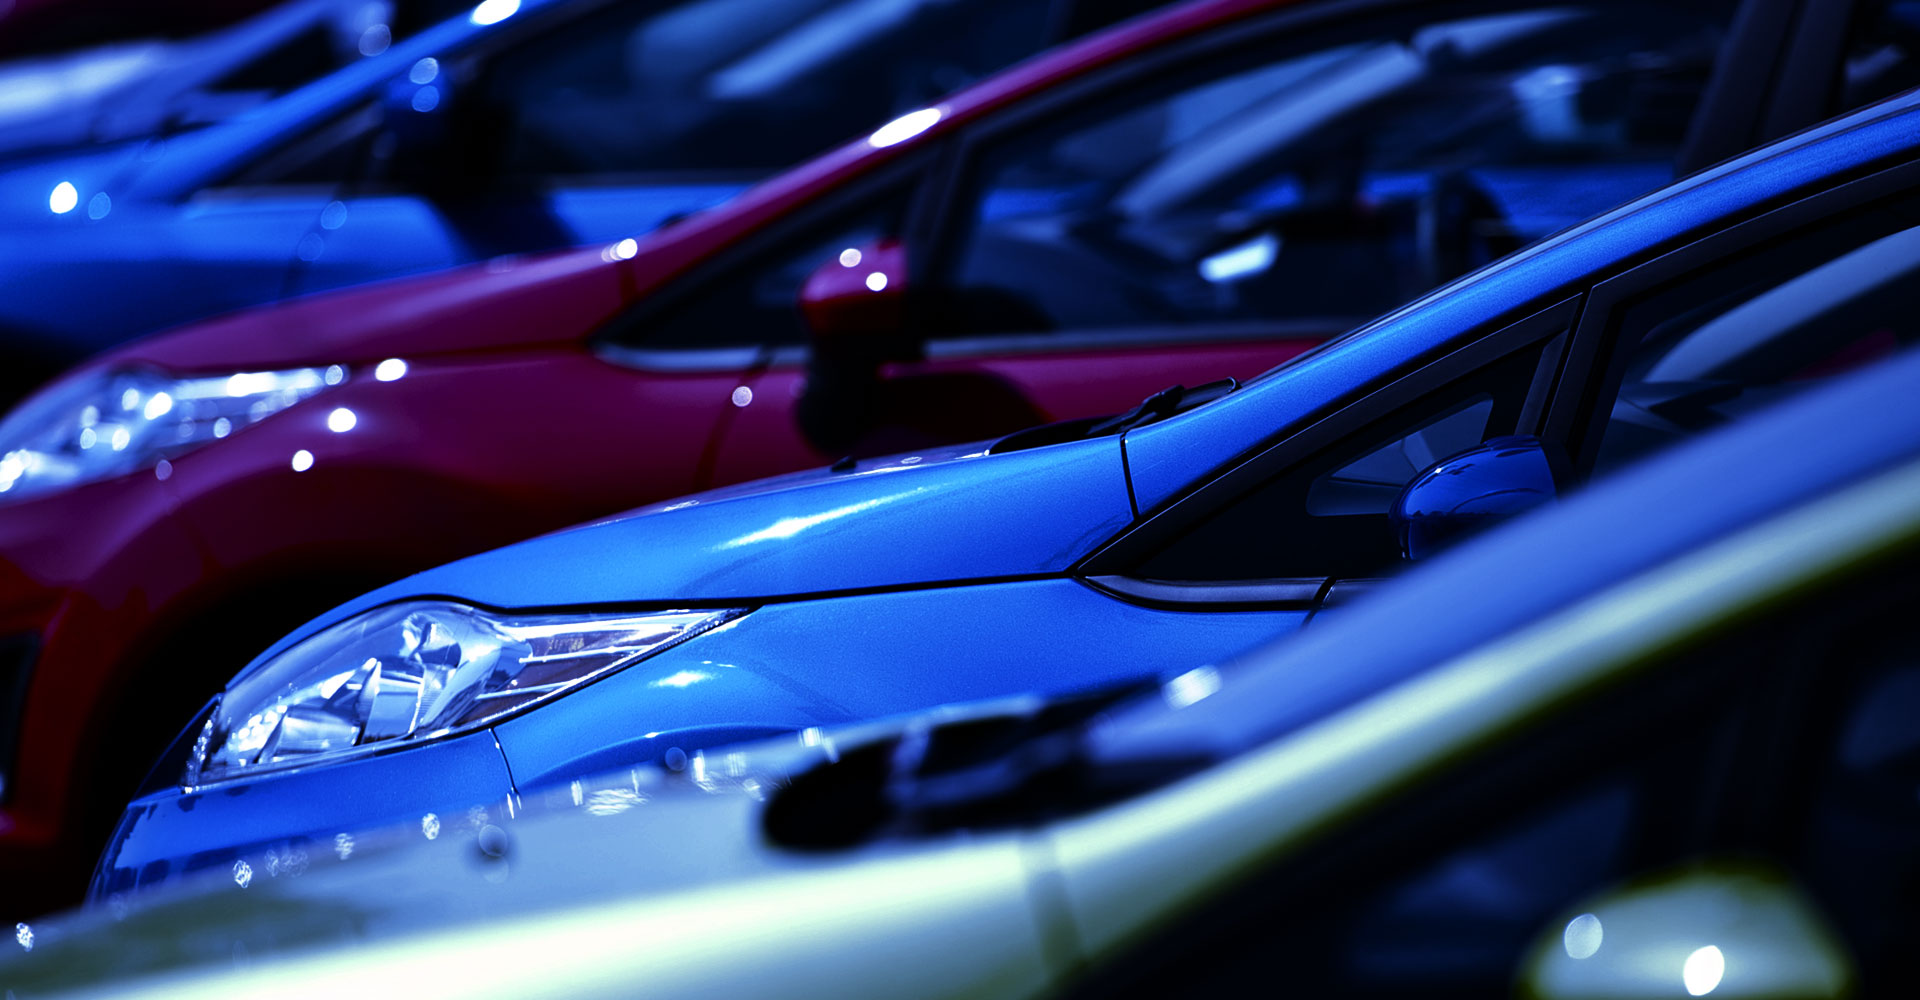 Used Cars Kansas City MO | Used Cars & Trucks MO | Midway Auto